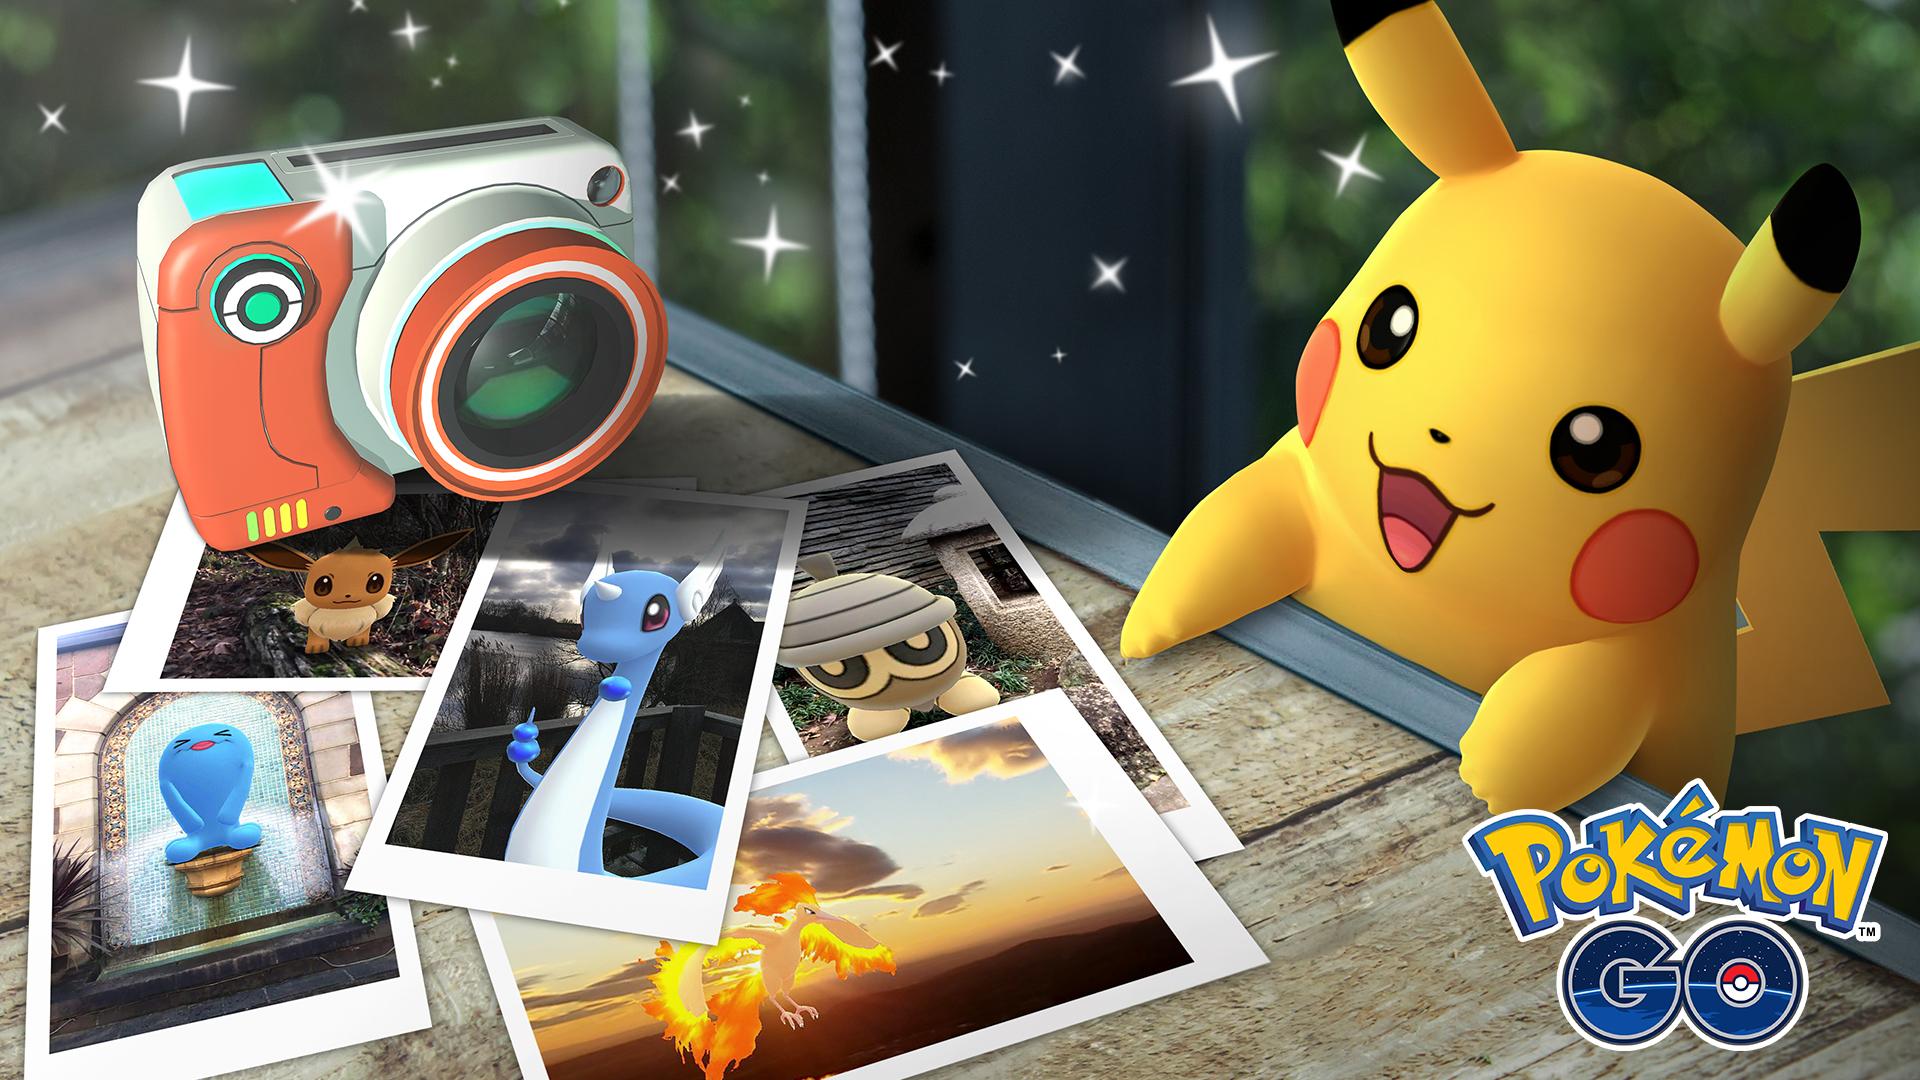 Pokémon GO lance Cliché GO pour que vous preniez en photo vos Pokémon préférés dans la nature